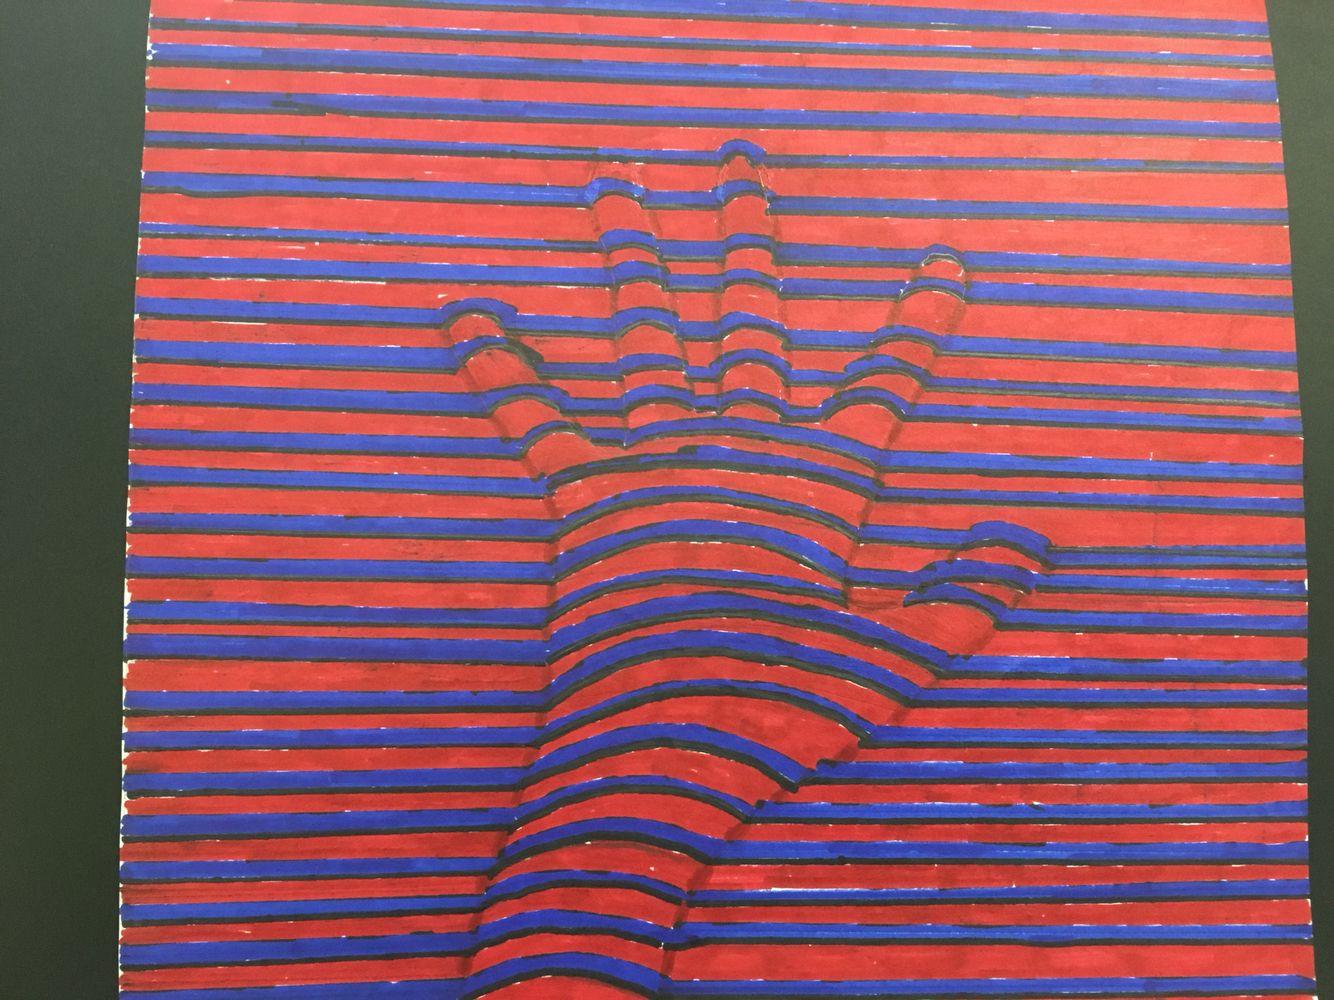 Illusion Creating Depth